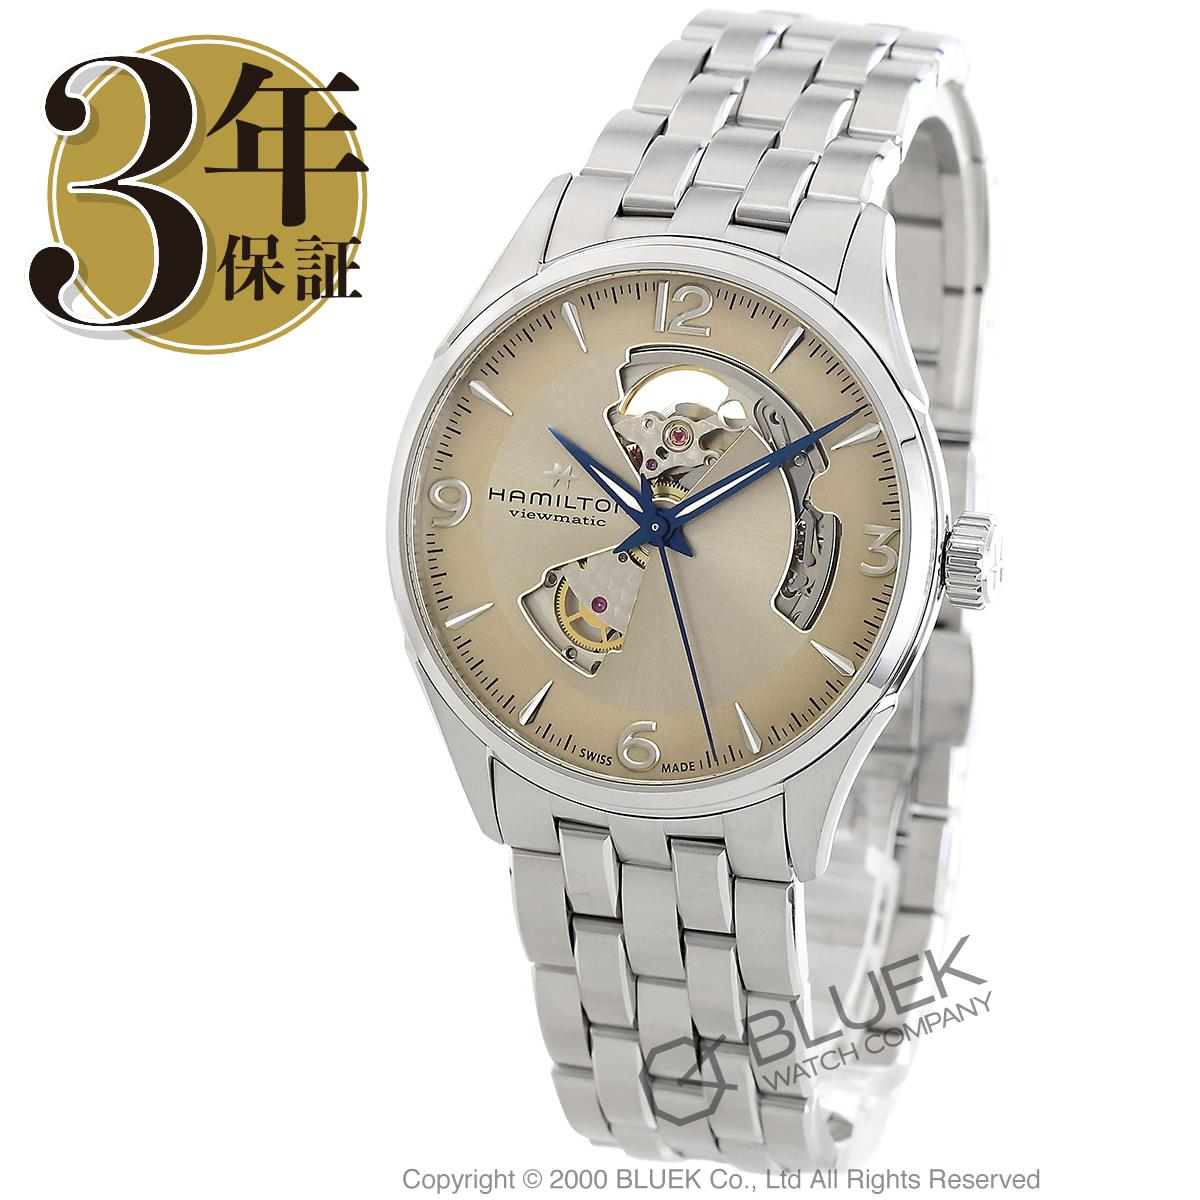 ハミルトン ジャズマスター ビューマチック オープンハート 腕時計 メンズ HAMILTON H32705121_3